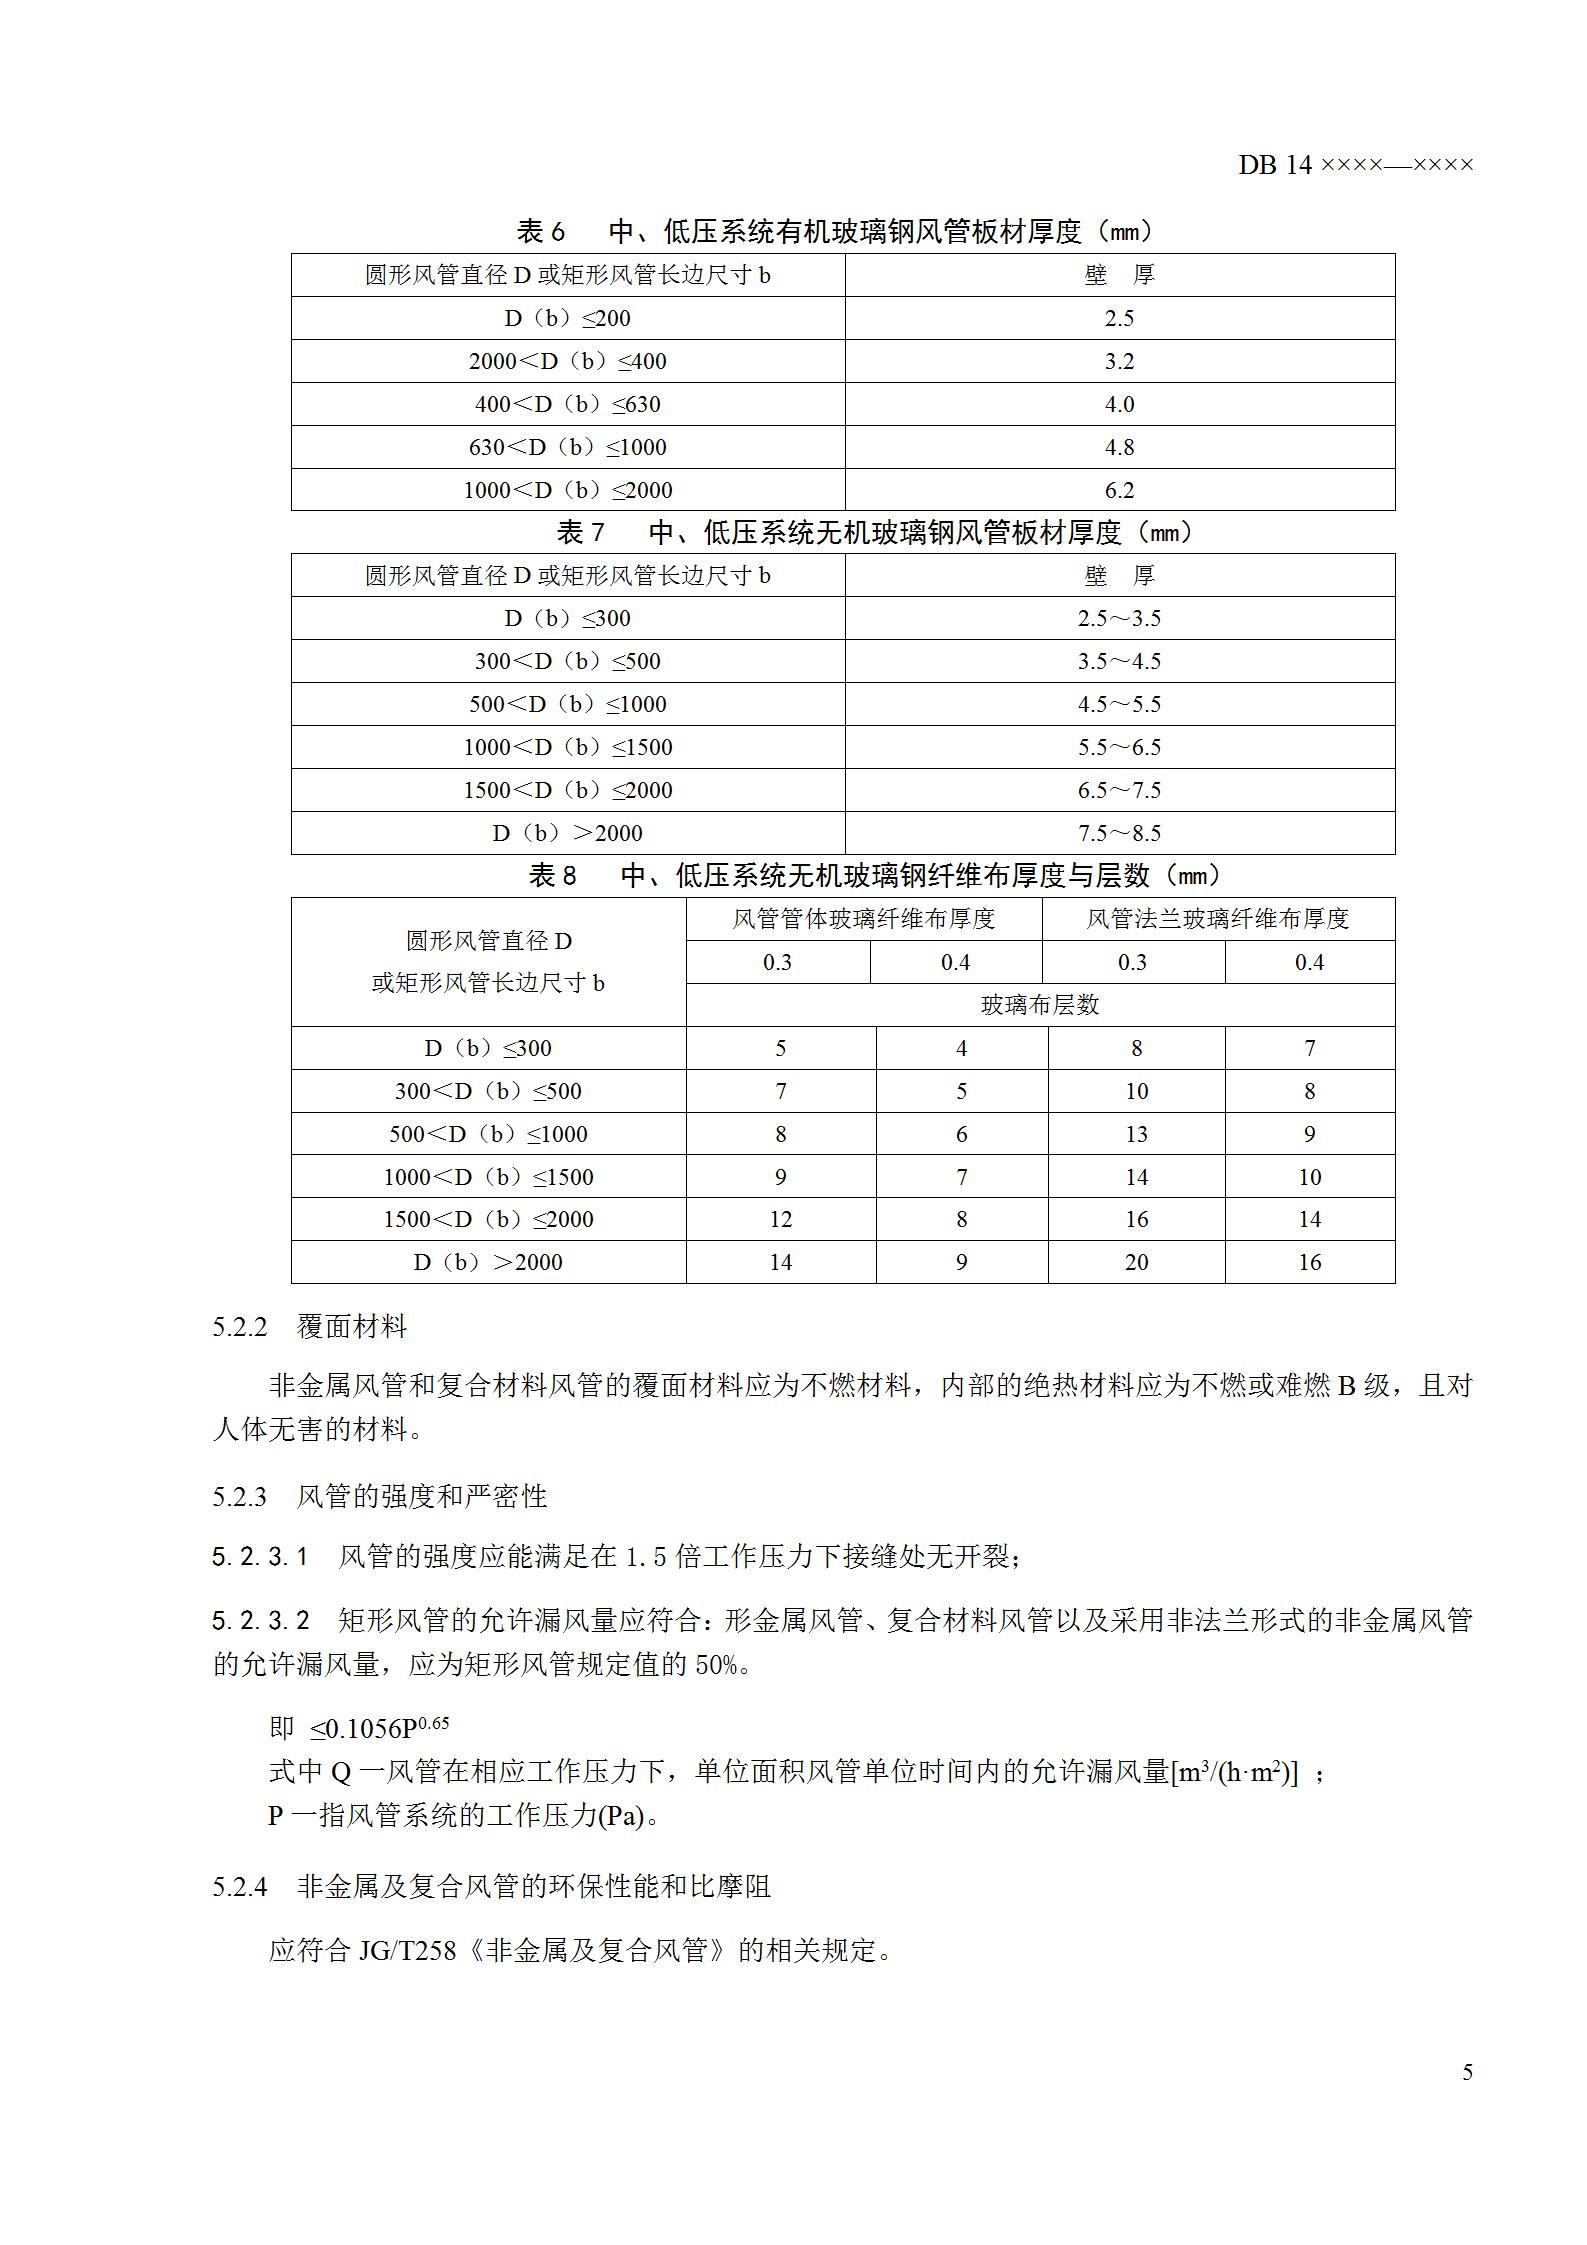 山西省質量技術監督局發布《家用新風系統安裝要求》